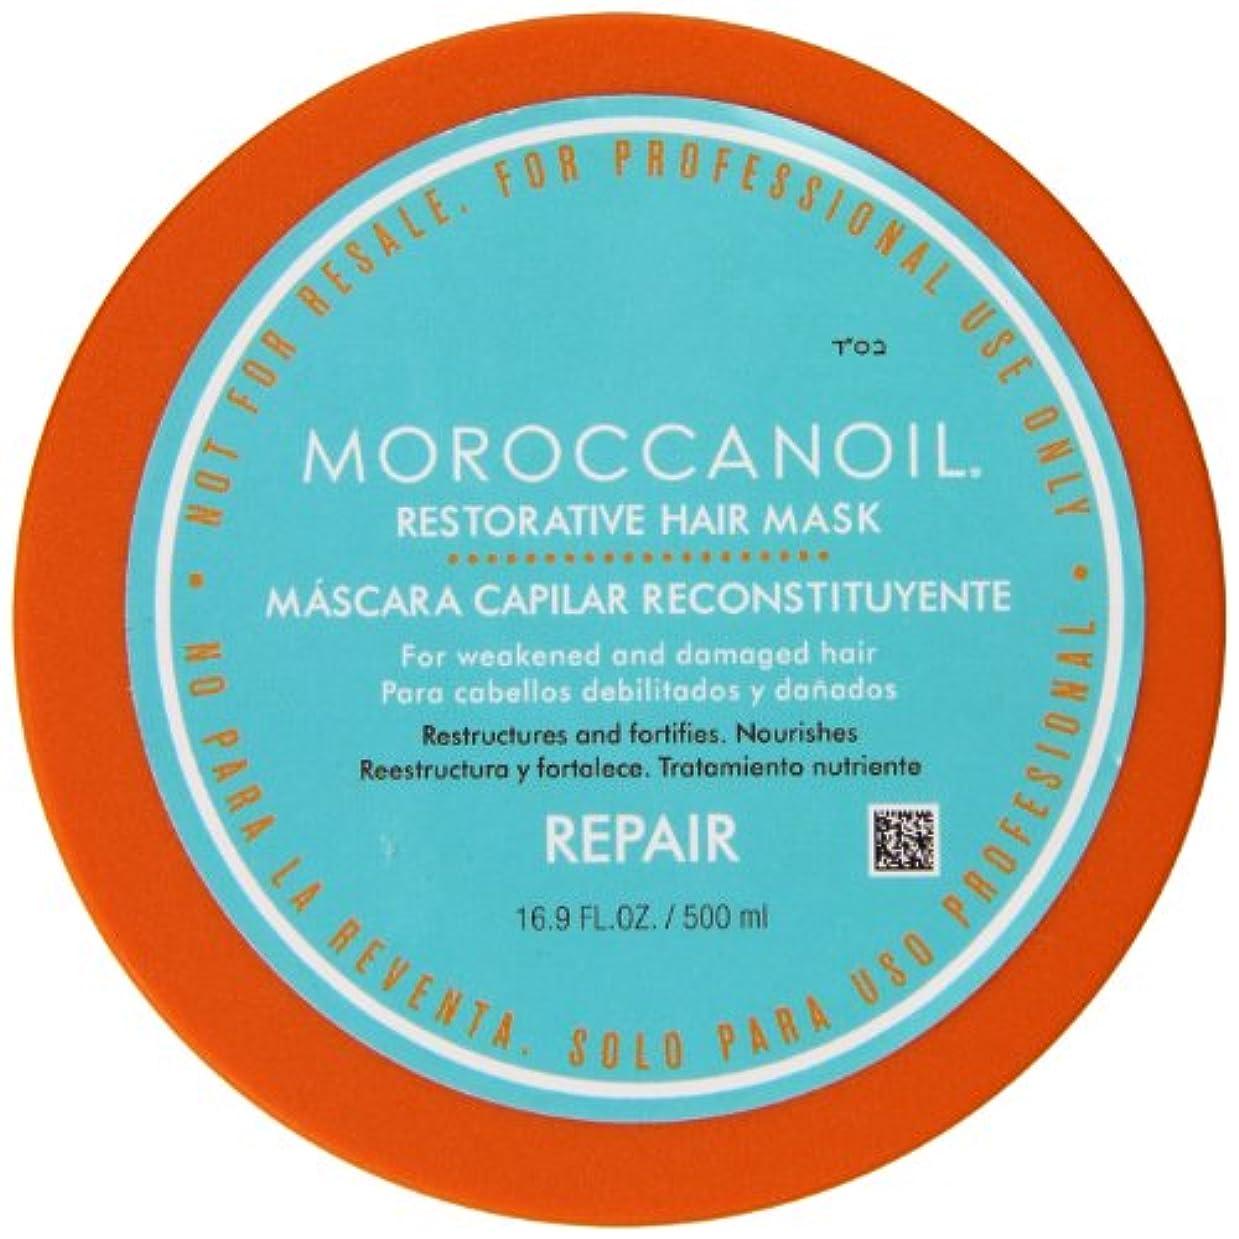 投票コショウインフレーションモロッカンオイル リストラクティブ ヘア マスク (ダメージを受けた髪用) 500ml/16.9oz並行輸入品